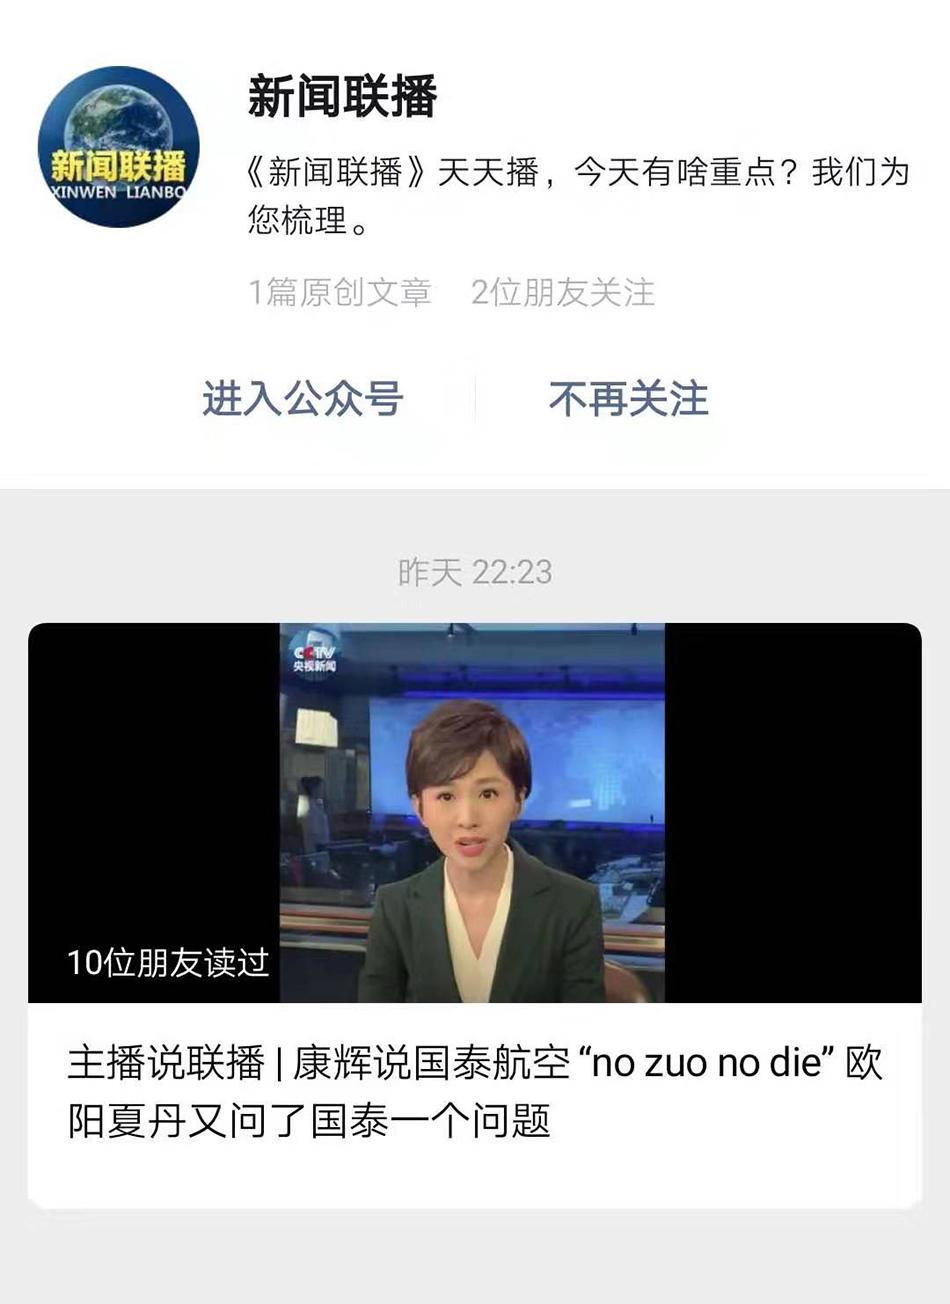 新闻联播微信公众号上线 首条微信推送谈国泰航空|国泰航空|传媒